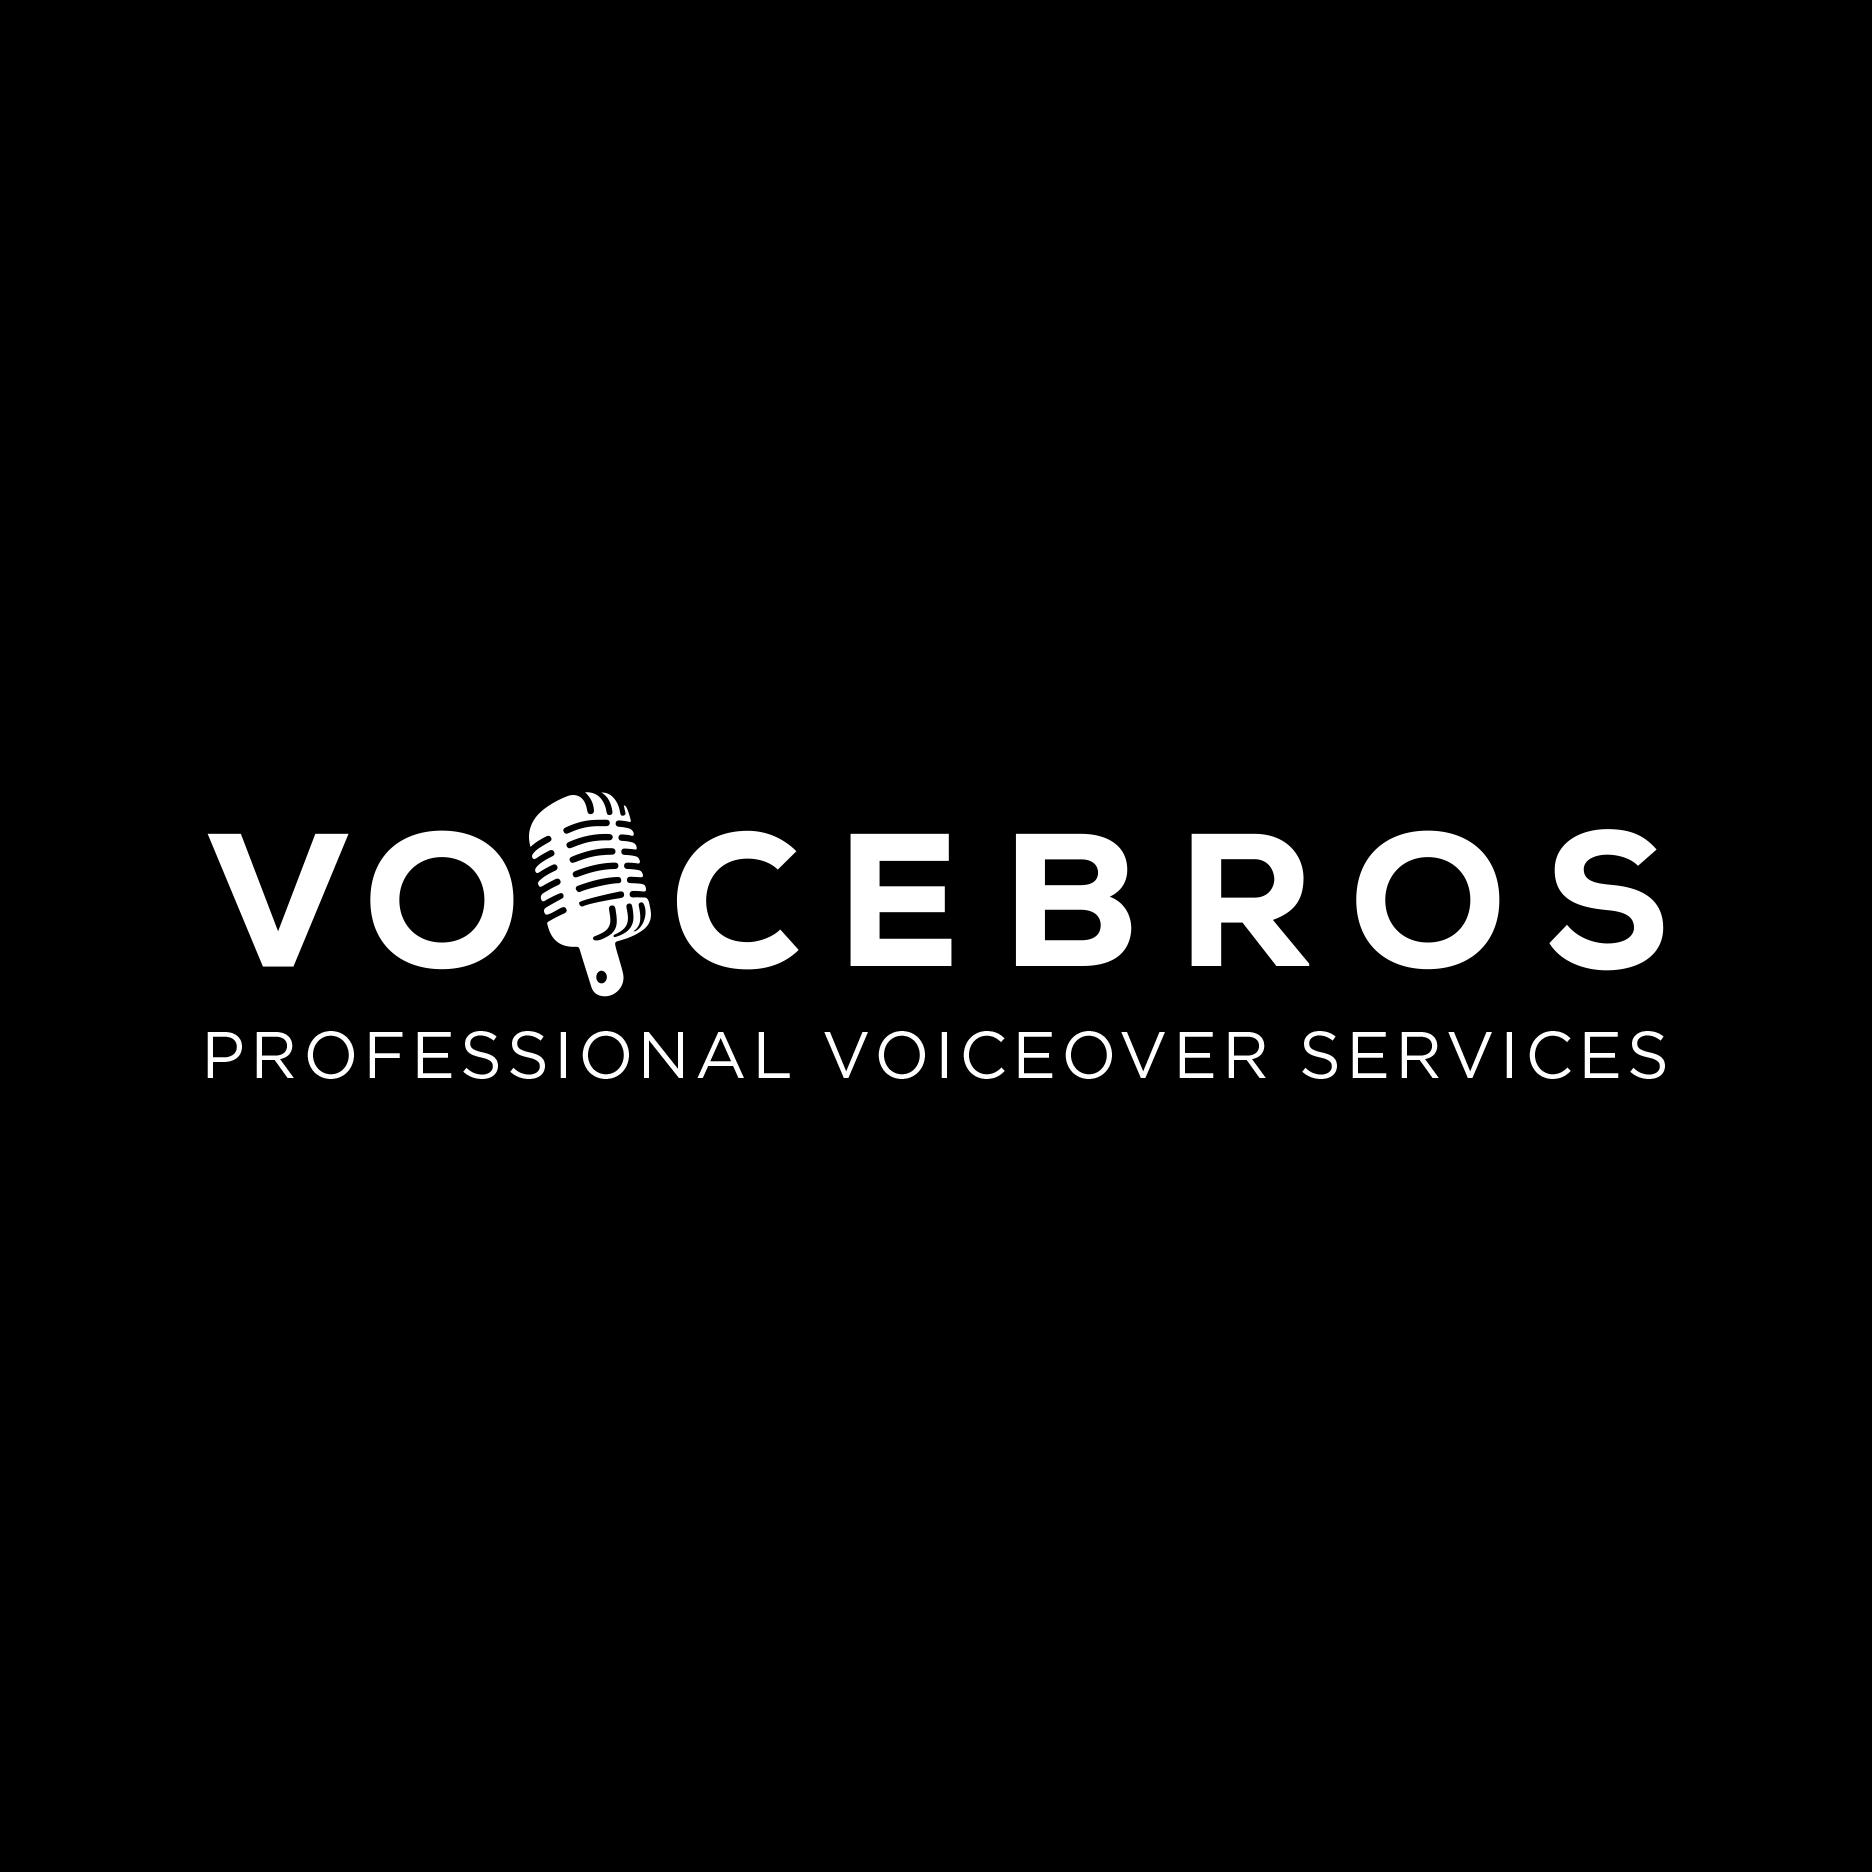 Franziska Trunte is a voice over actor